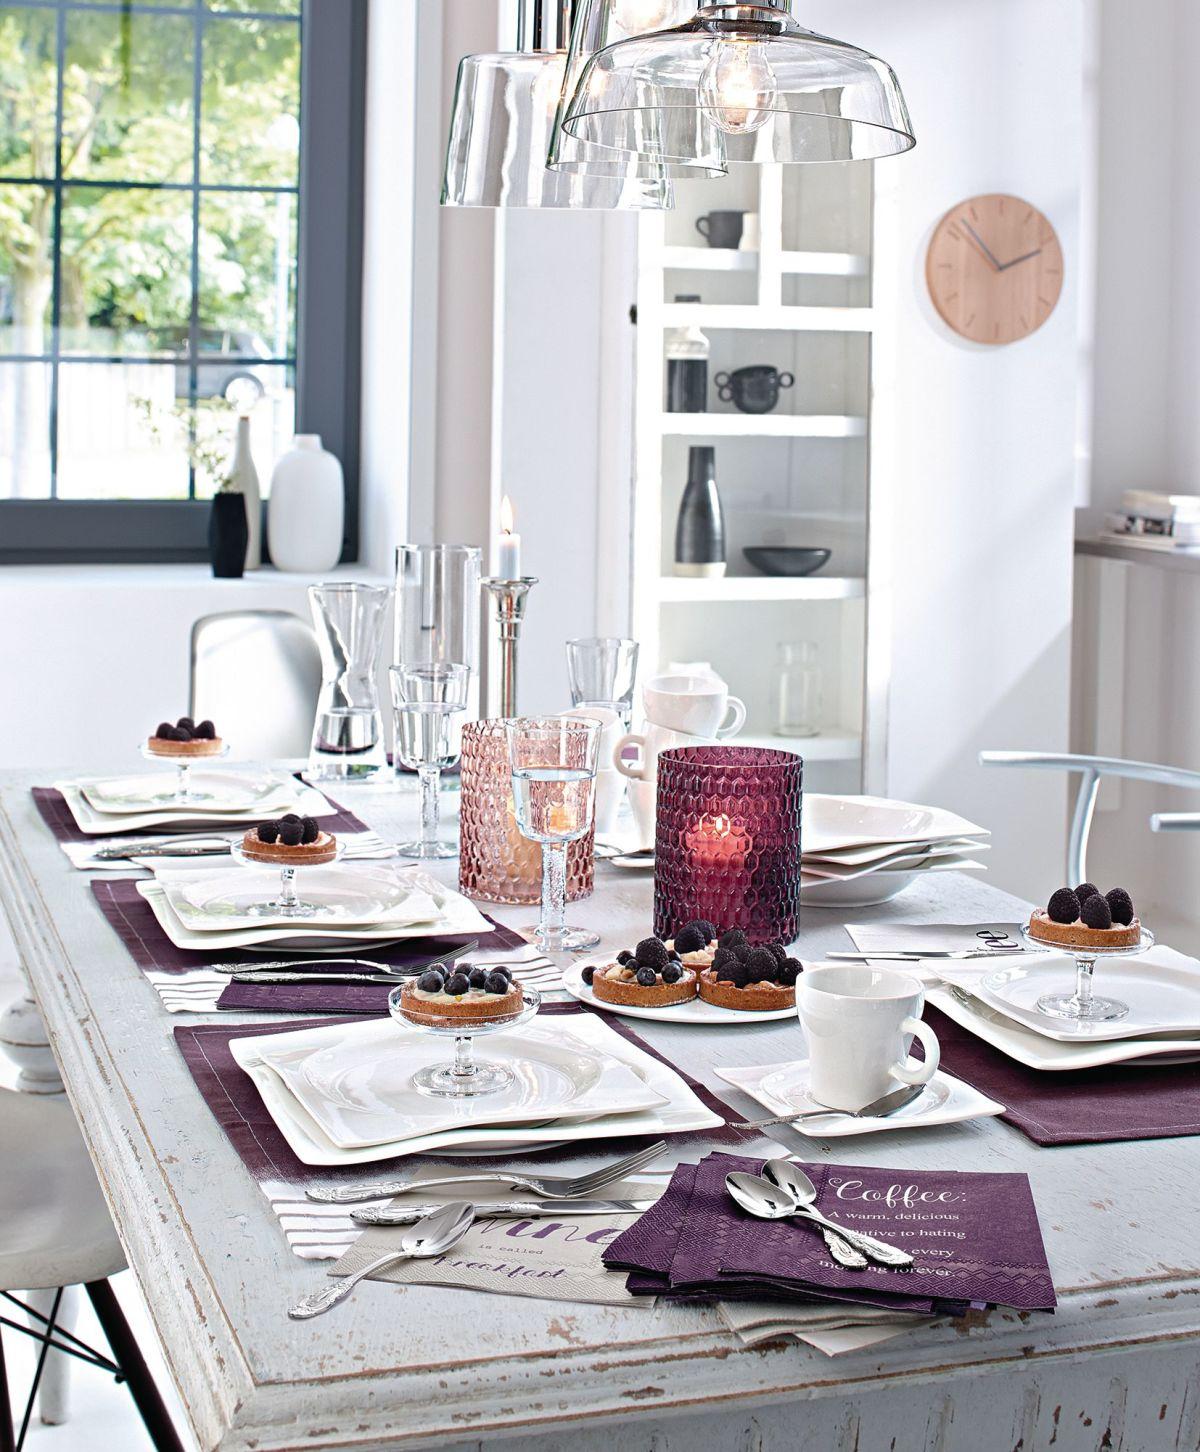 geschirr service m bel design idee f r sie. Black Bedroom Furniture Sets. Home Design Ideas